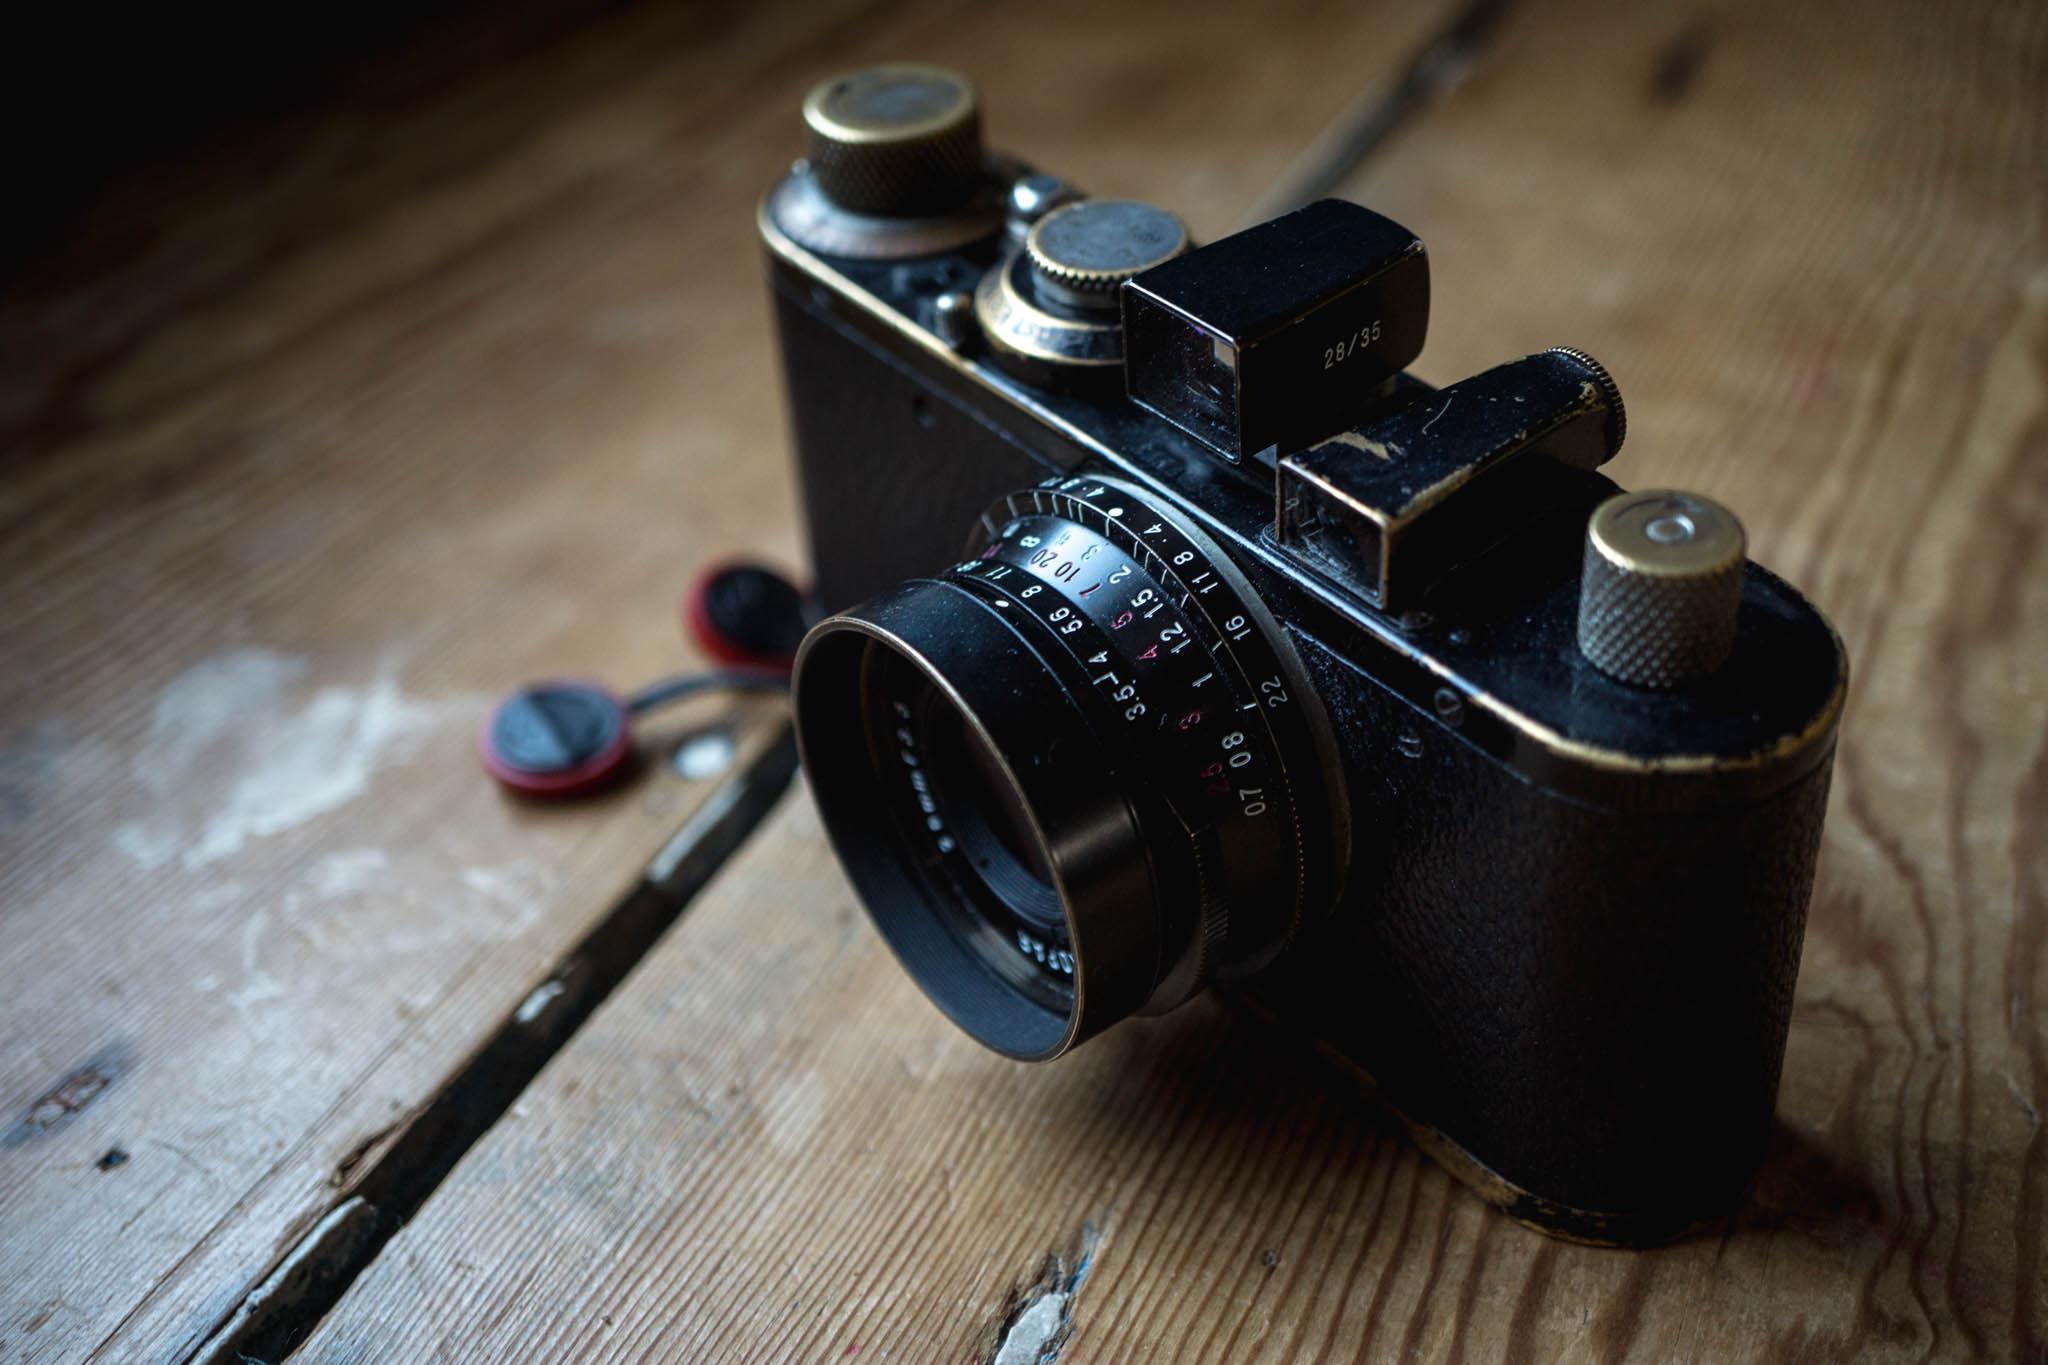 Voigtlander 28mm f/3.5 Color-Skopar on leica standard